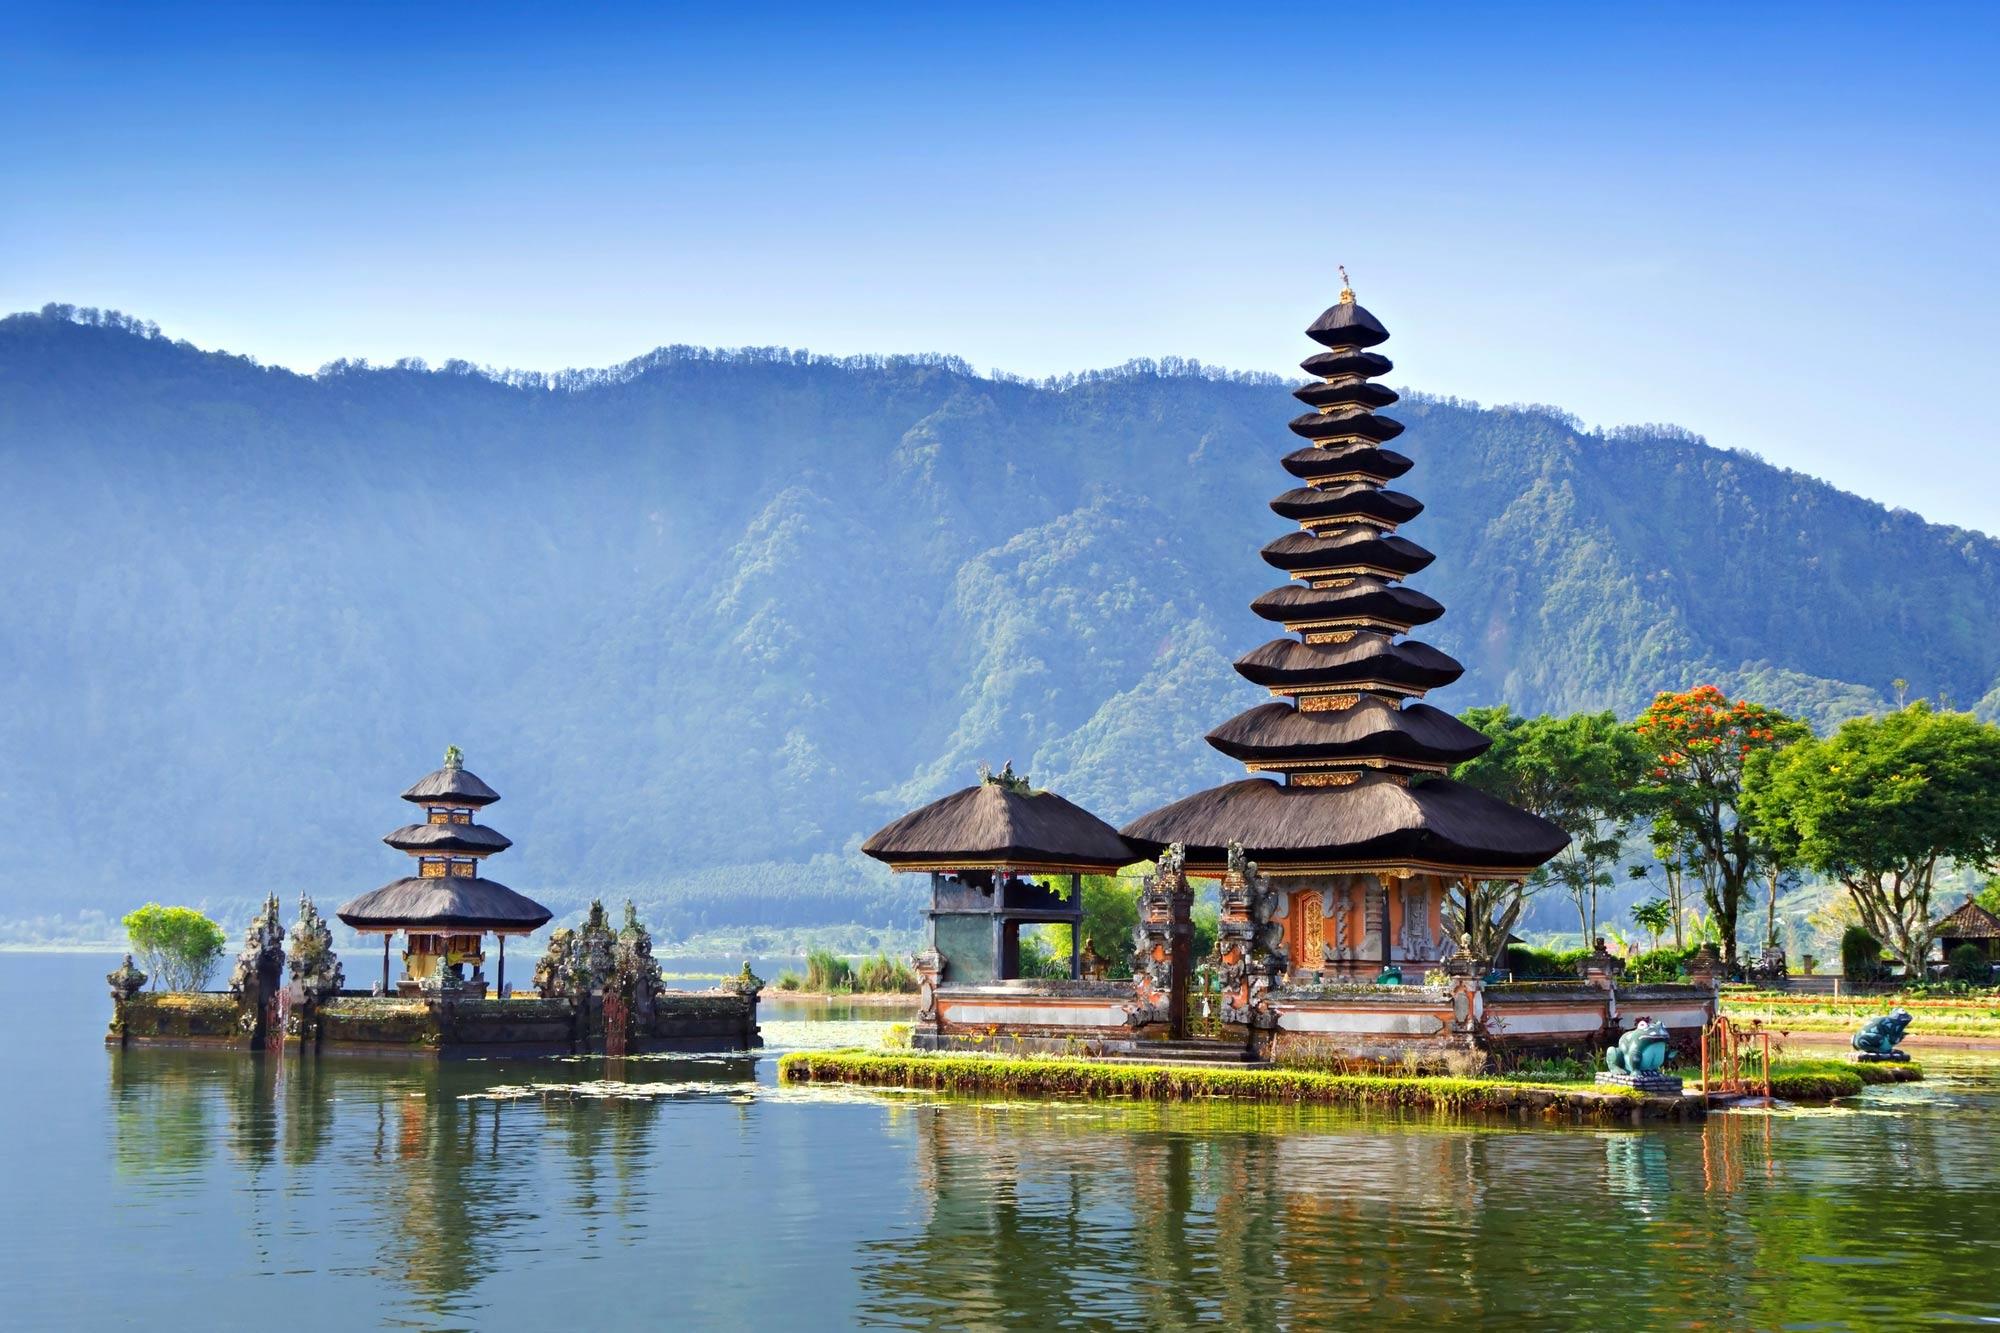 Индонезия ужесточила правила валютных операций для сырьевых экспортеров, Индонезия, Валютные операции, сырье , экспорт